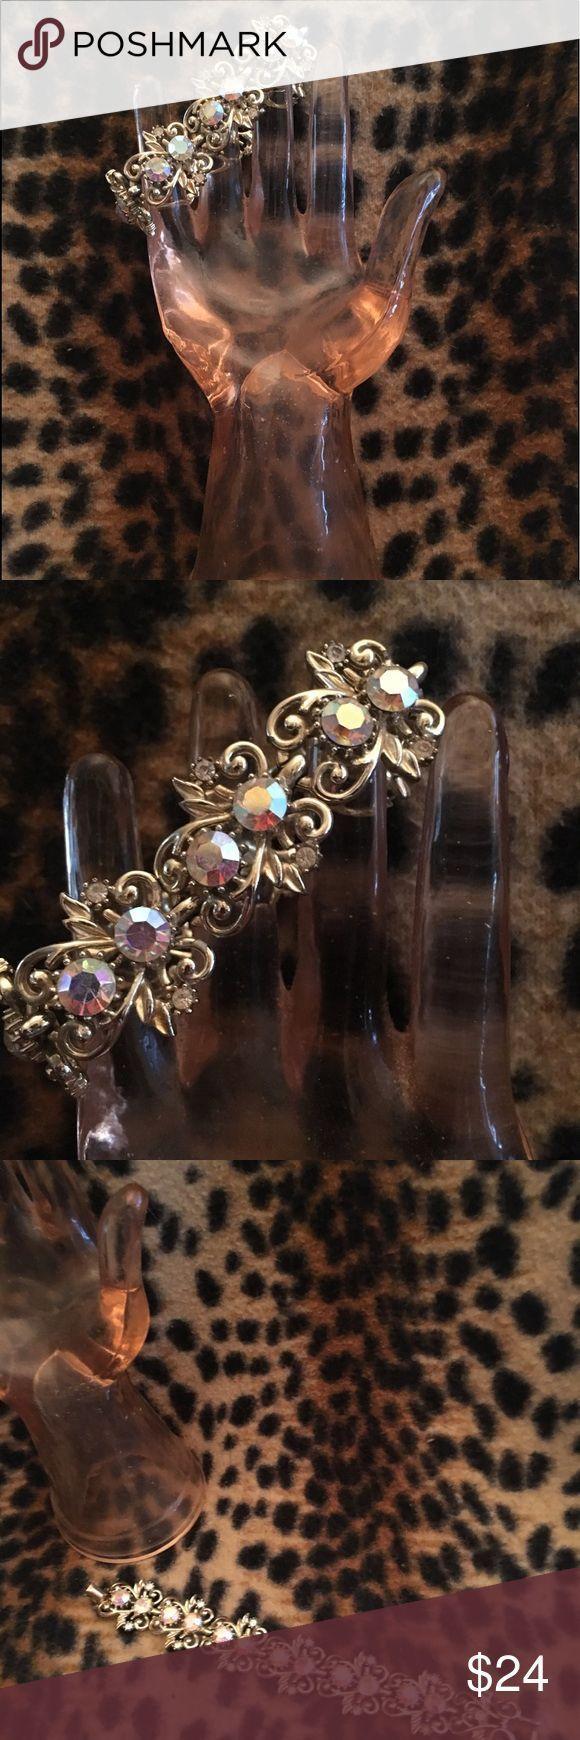 Vintage des années 1950 Bracelet doré avec des pierres rosâtres  1950